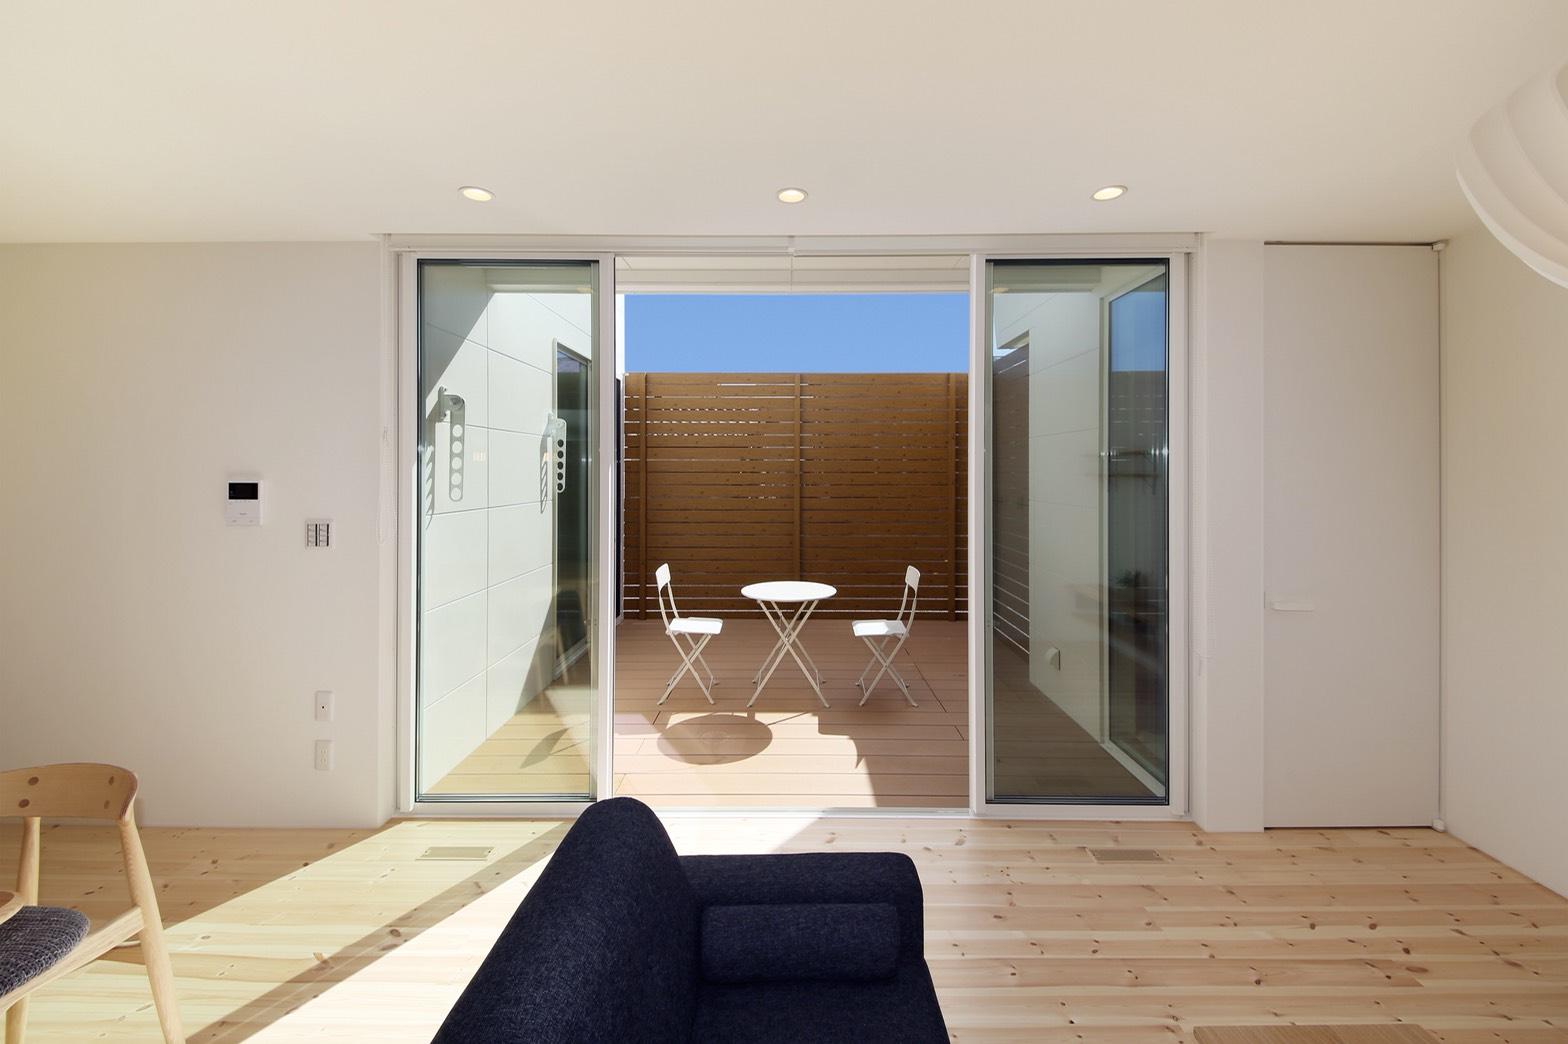 全期間固定の住宅ローンは本当に良い商品なのか?